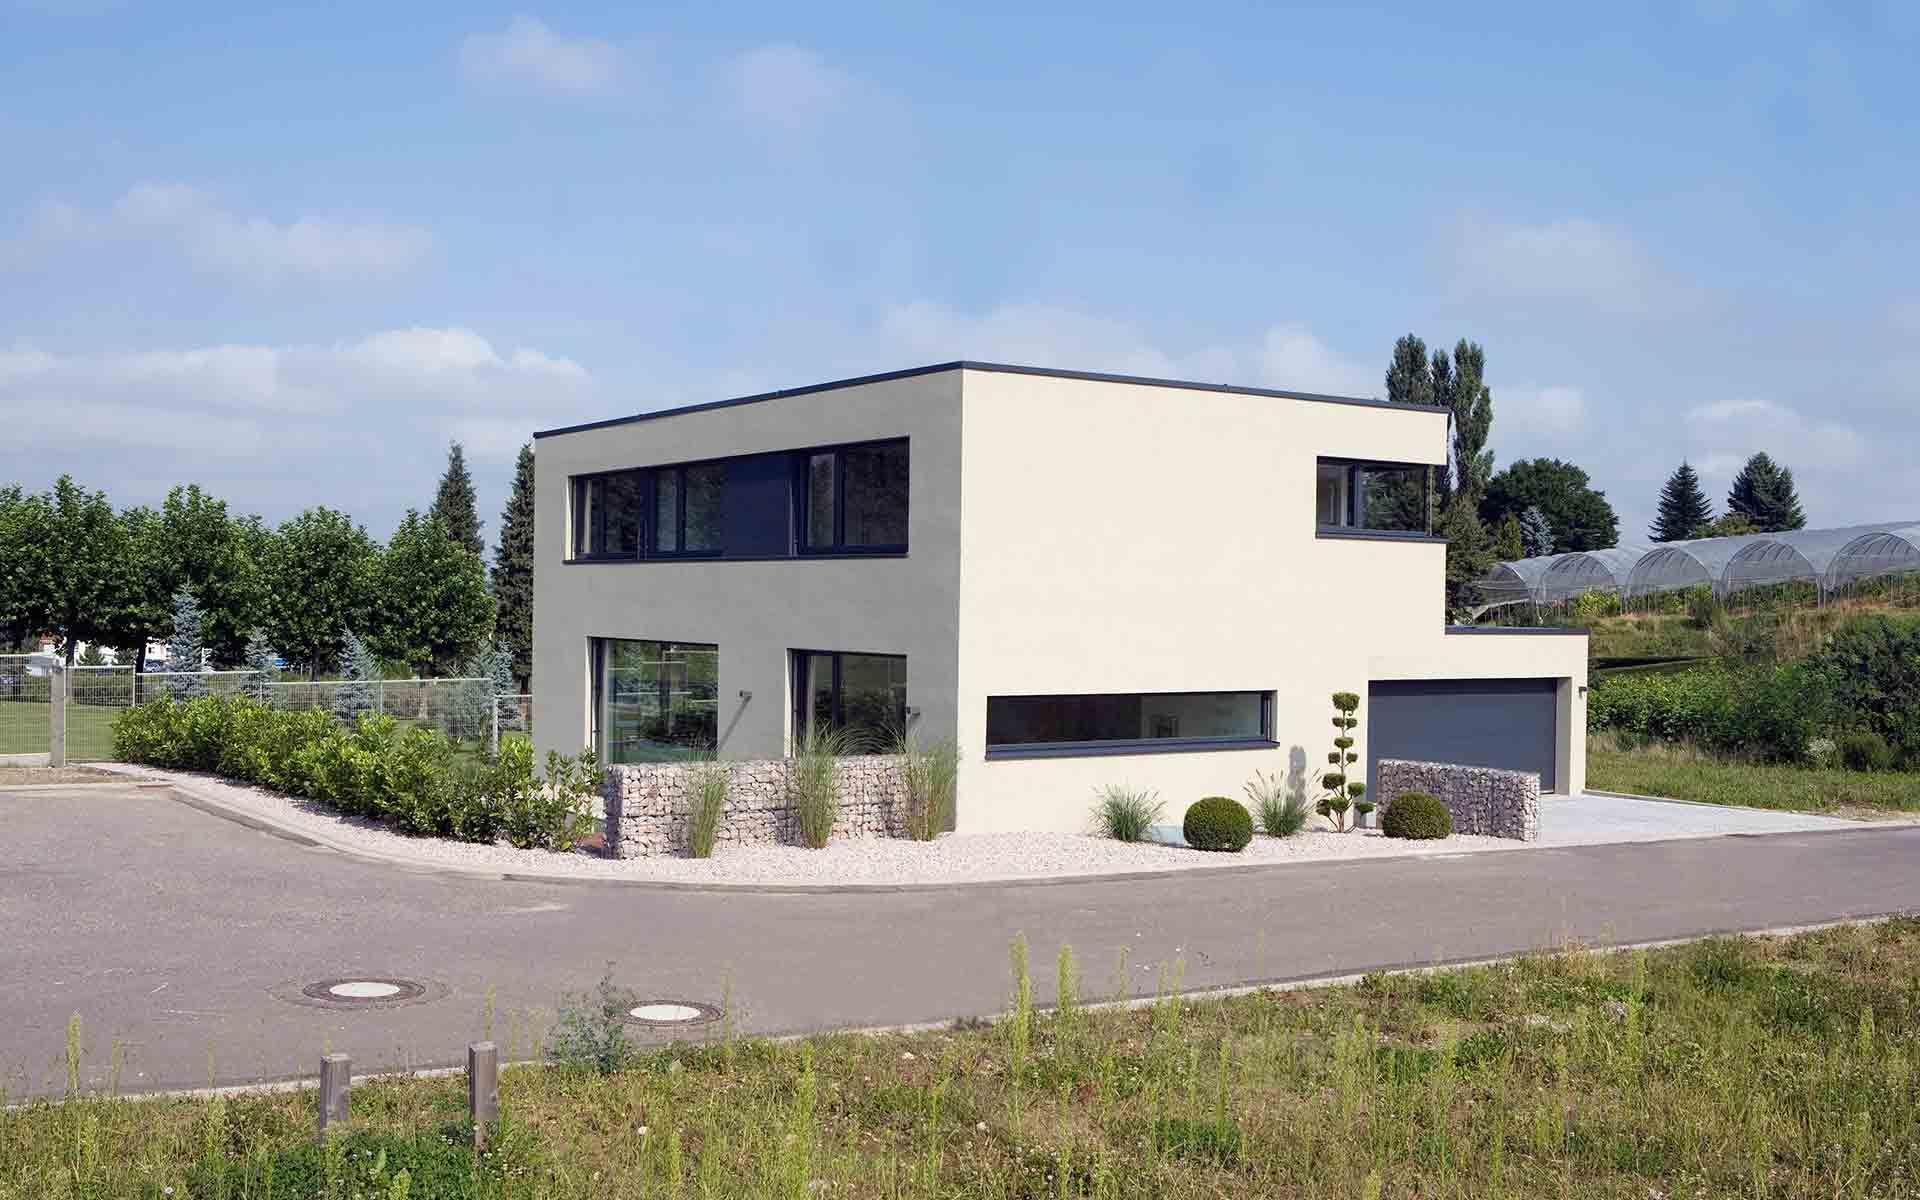 Wohnen • Passivhaus • Gewerbe • Umbau • Innenarchitektur. Willkommen ...